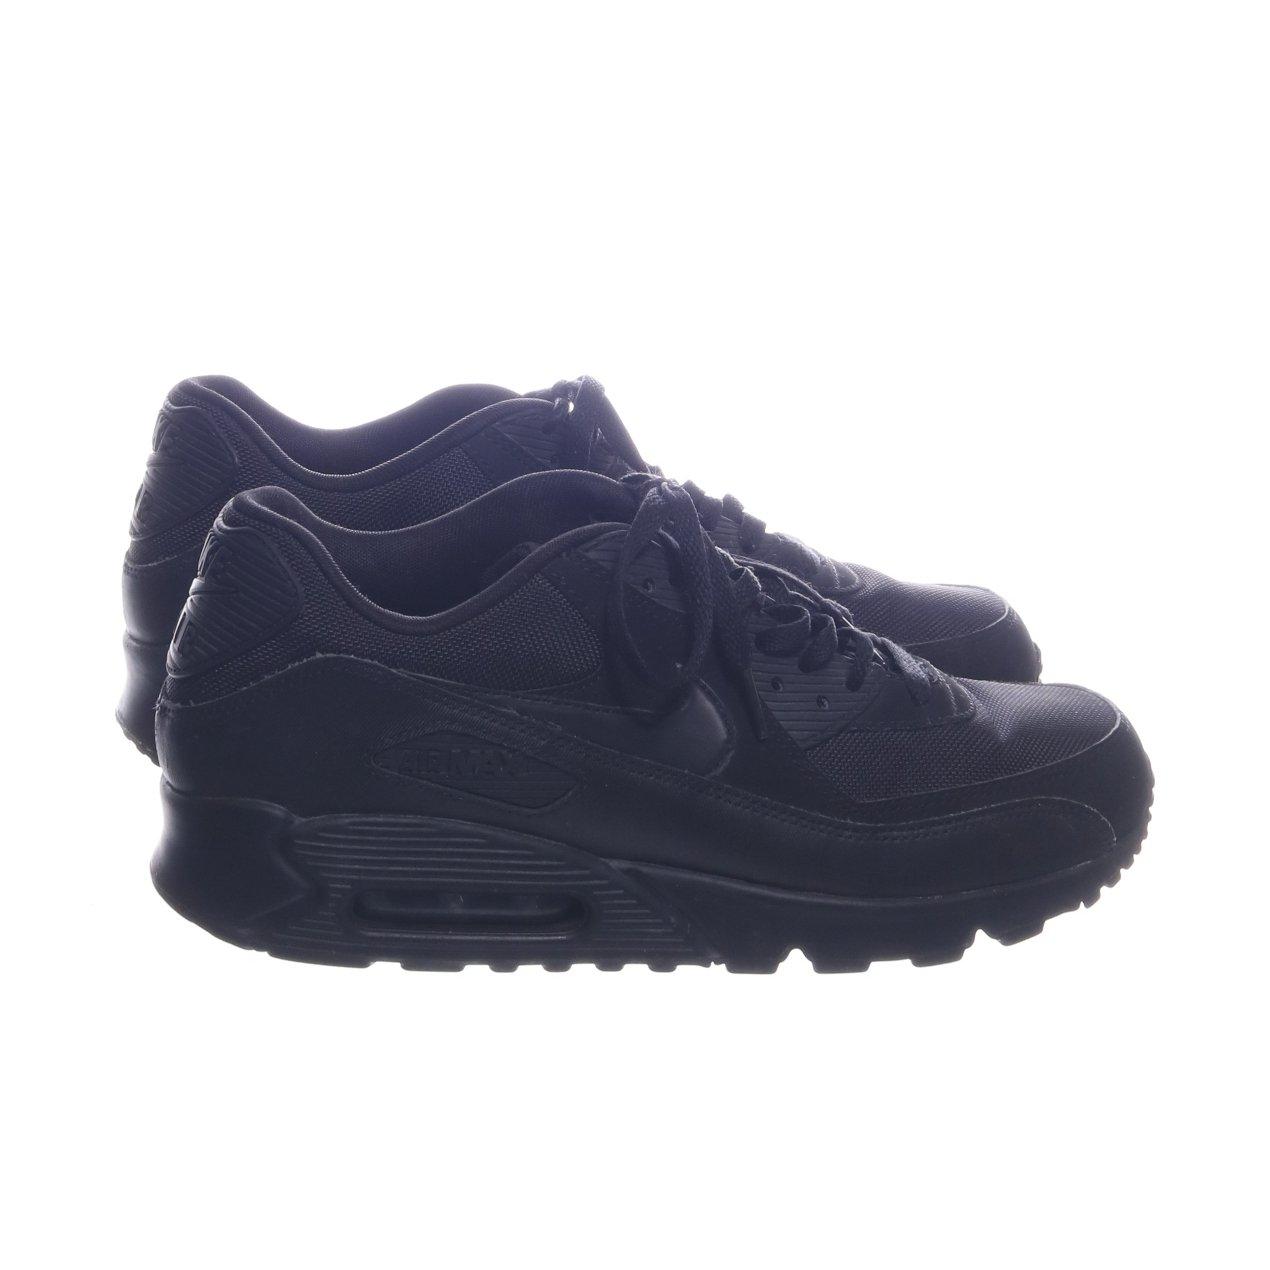 buy online 11009 95ce3 Nike, Sneakers, Strl  45, Air Max 90 Essential, Svart, Skinn